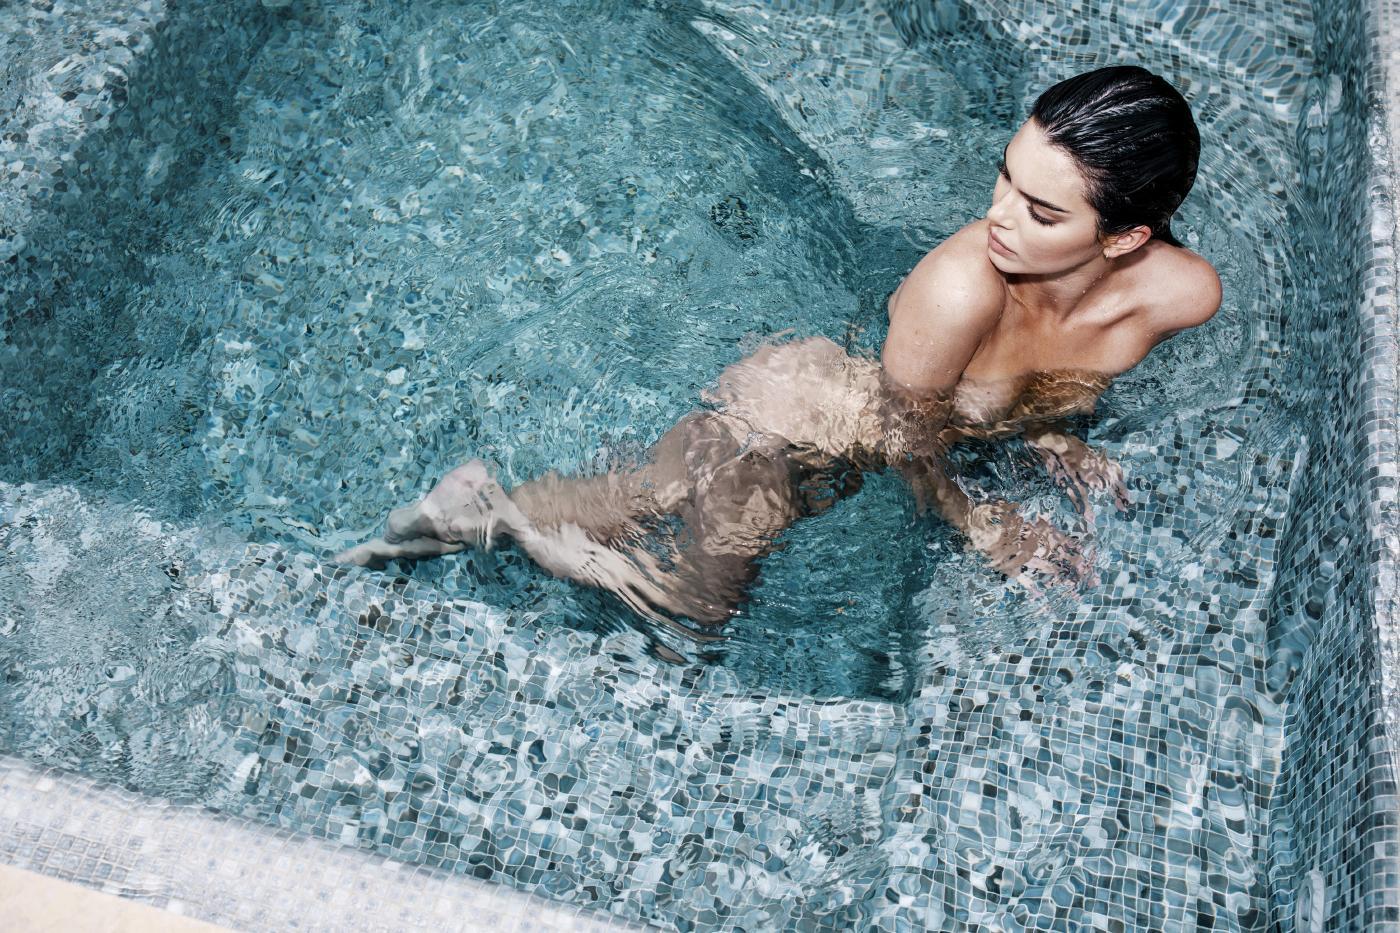 Kendall Jenner Nude Magazine Photoshoot Leaked Emmpqx